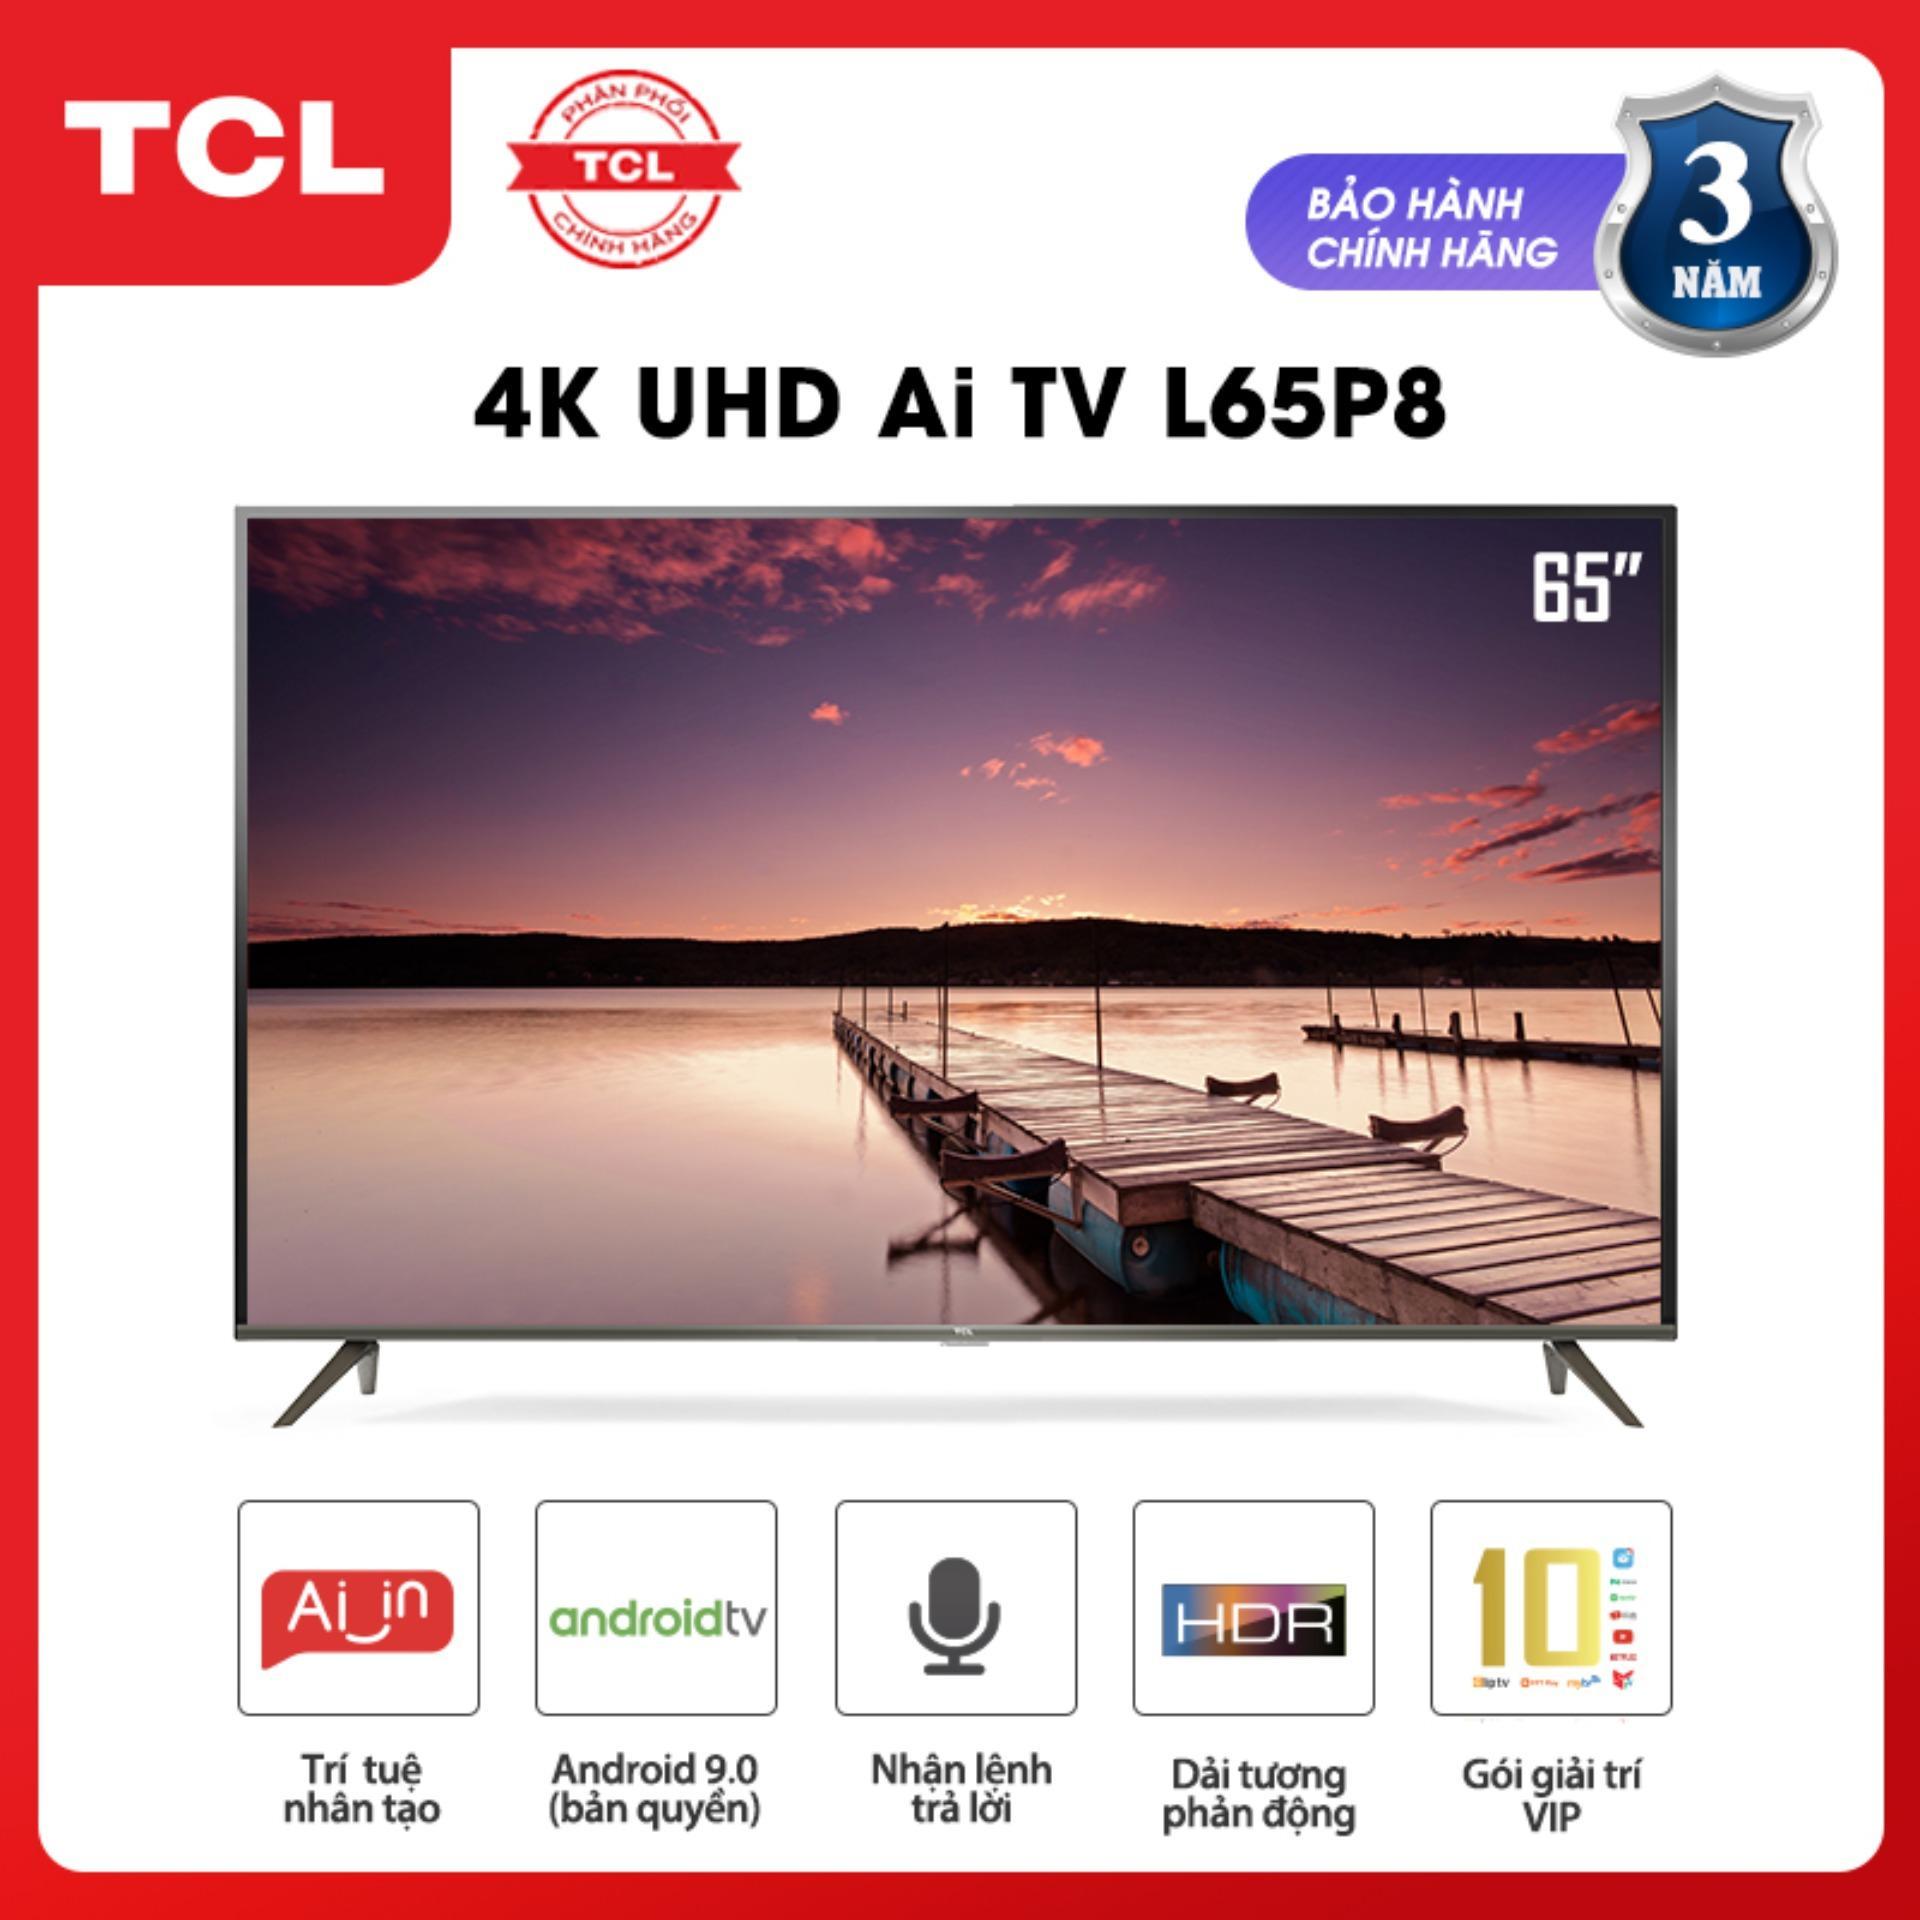 Bảng giá Smart Android 9.0 TV 65 inch TCL 4K UHD wifi - L65P8 - HDR, Micro Dimming, Dolby, Chromecast, T-cast, AI+IN - Tivi giá rẻ chất lượng - Bảo hành 3 năm